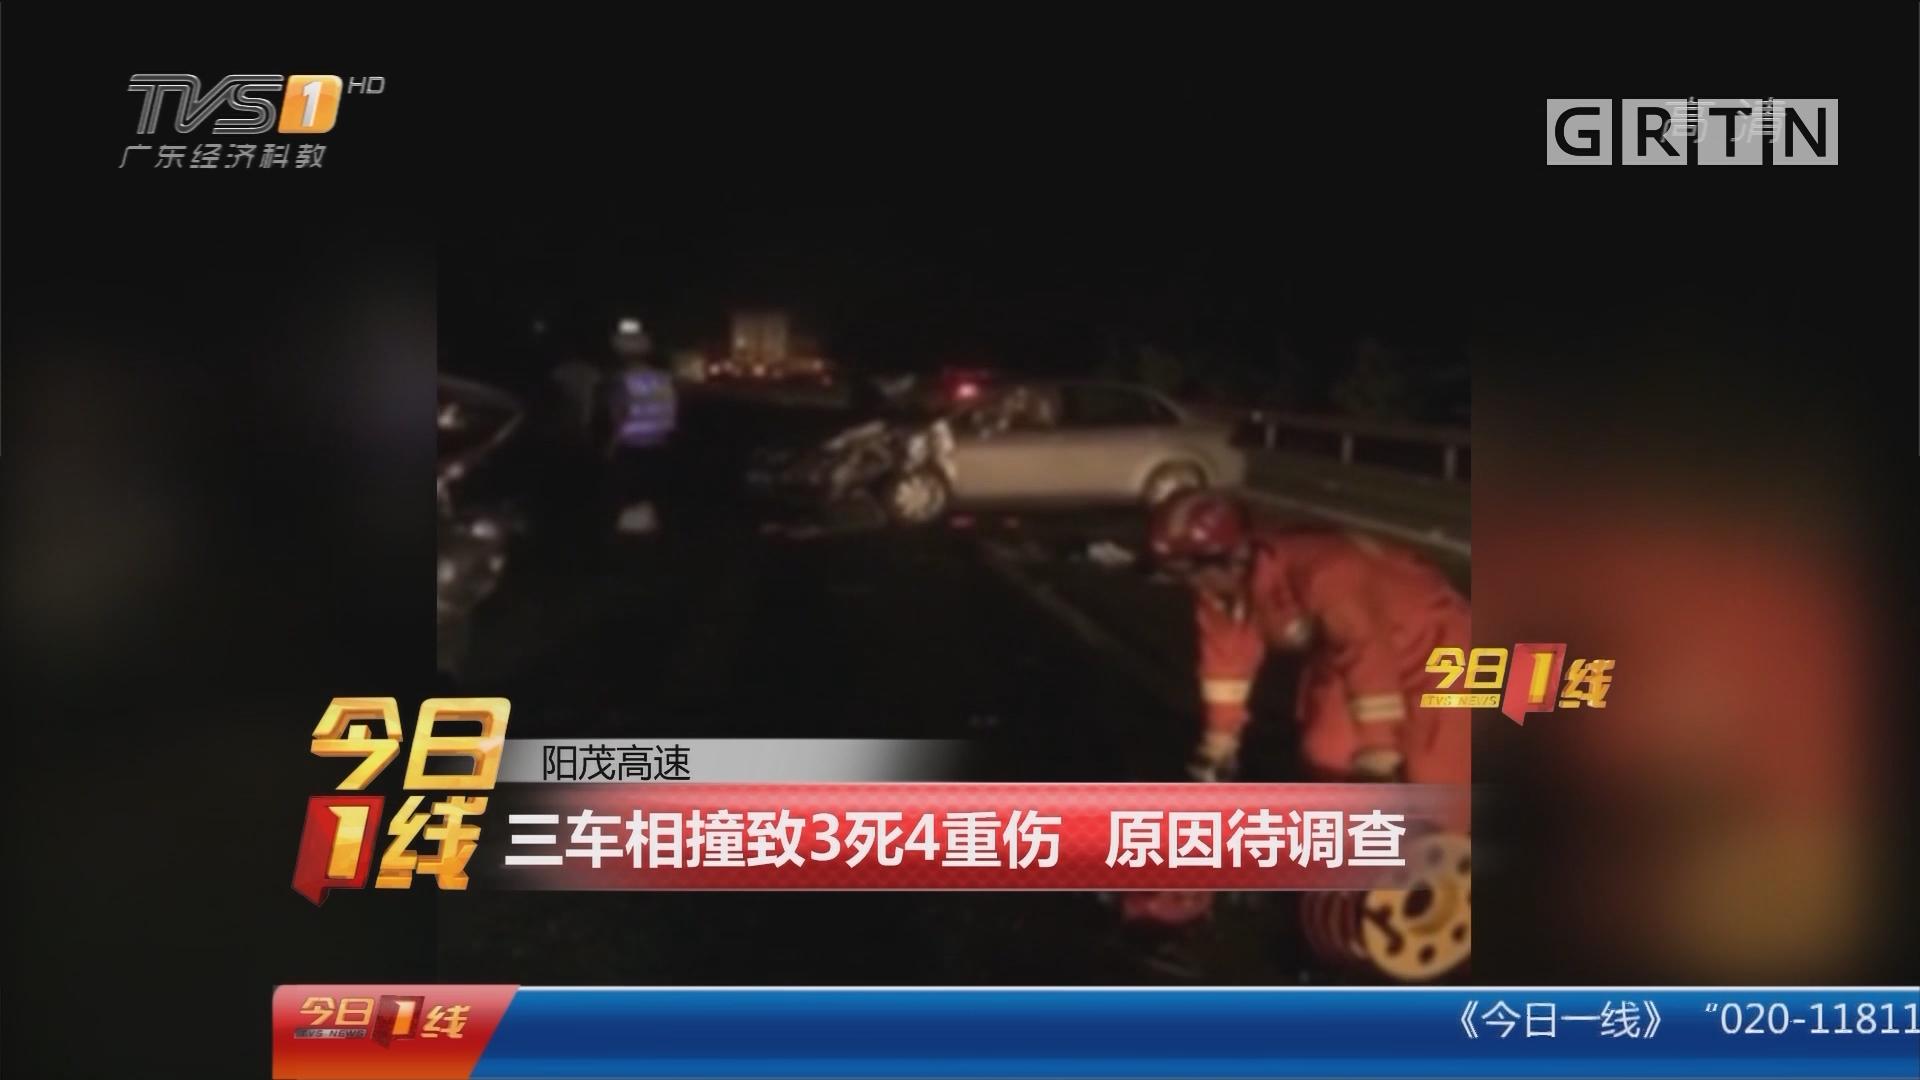 阳茂高速:三车相撞致3死4重伤 原因待调查